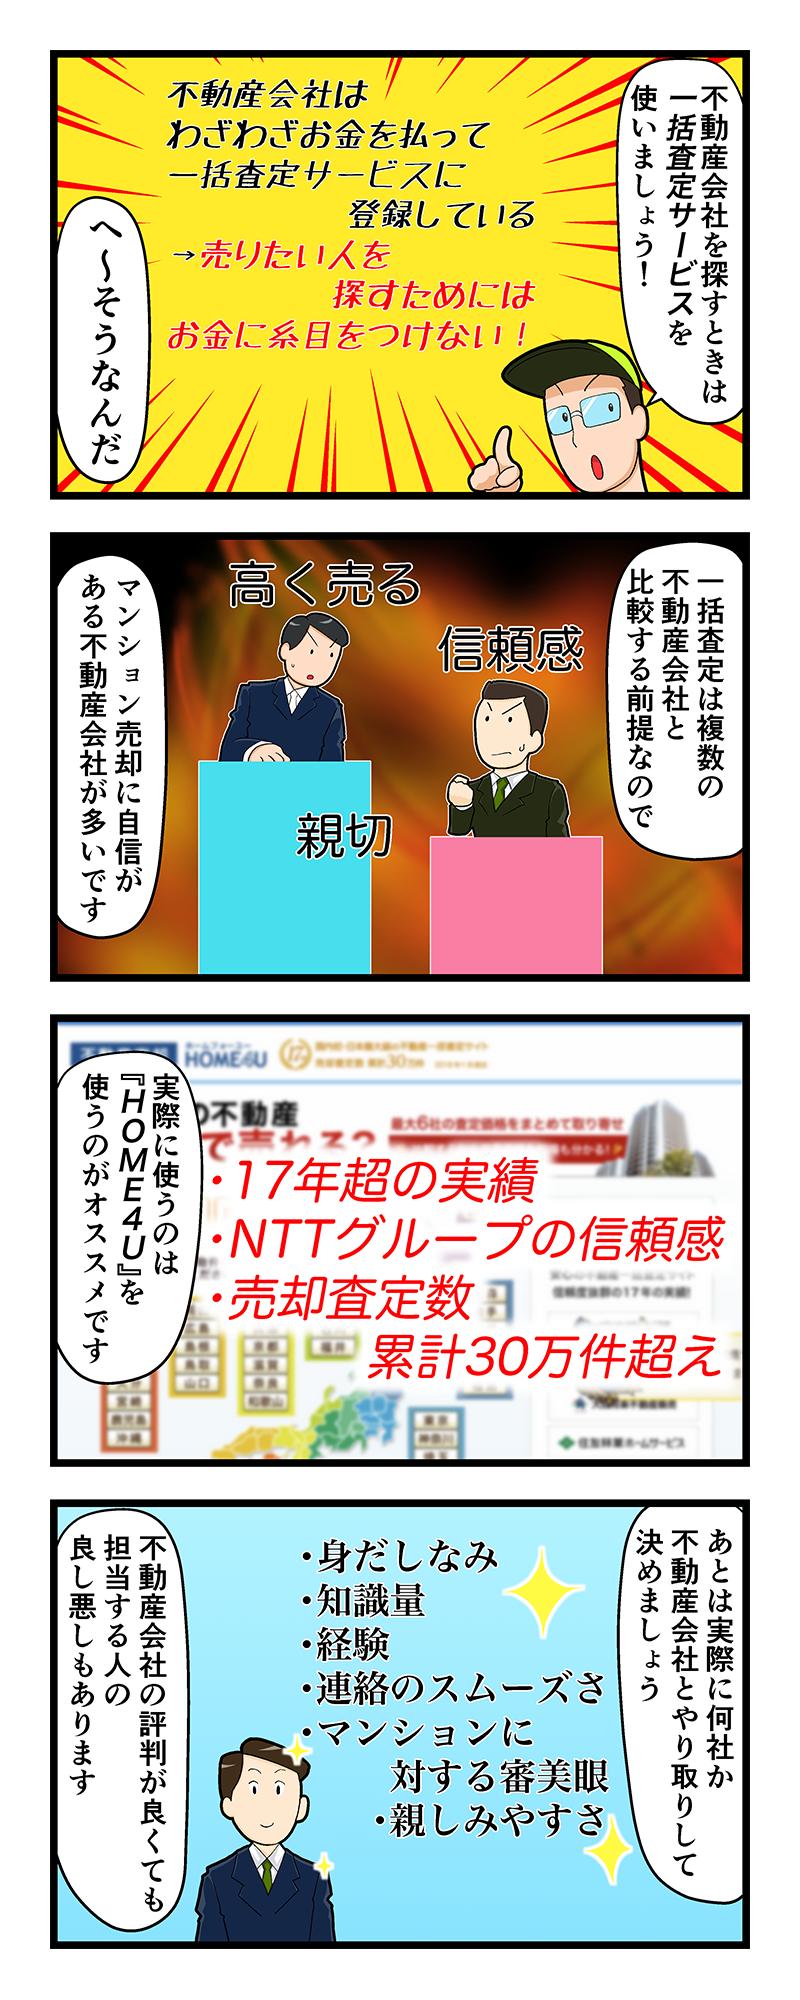 マンション売却講座四コマ漫画第3話